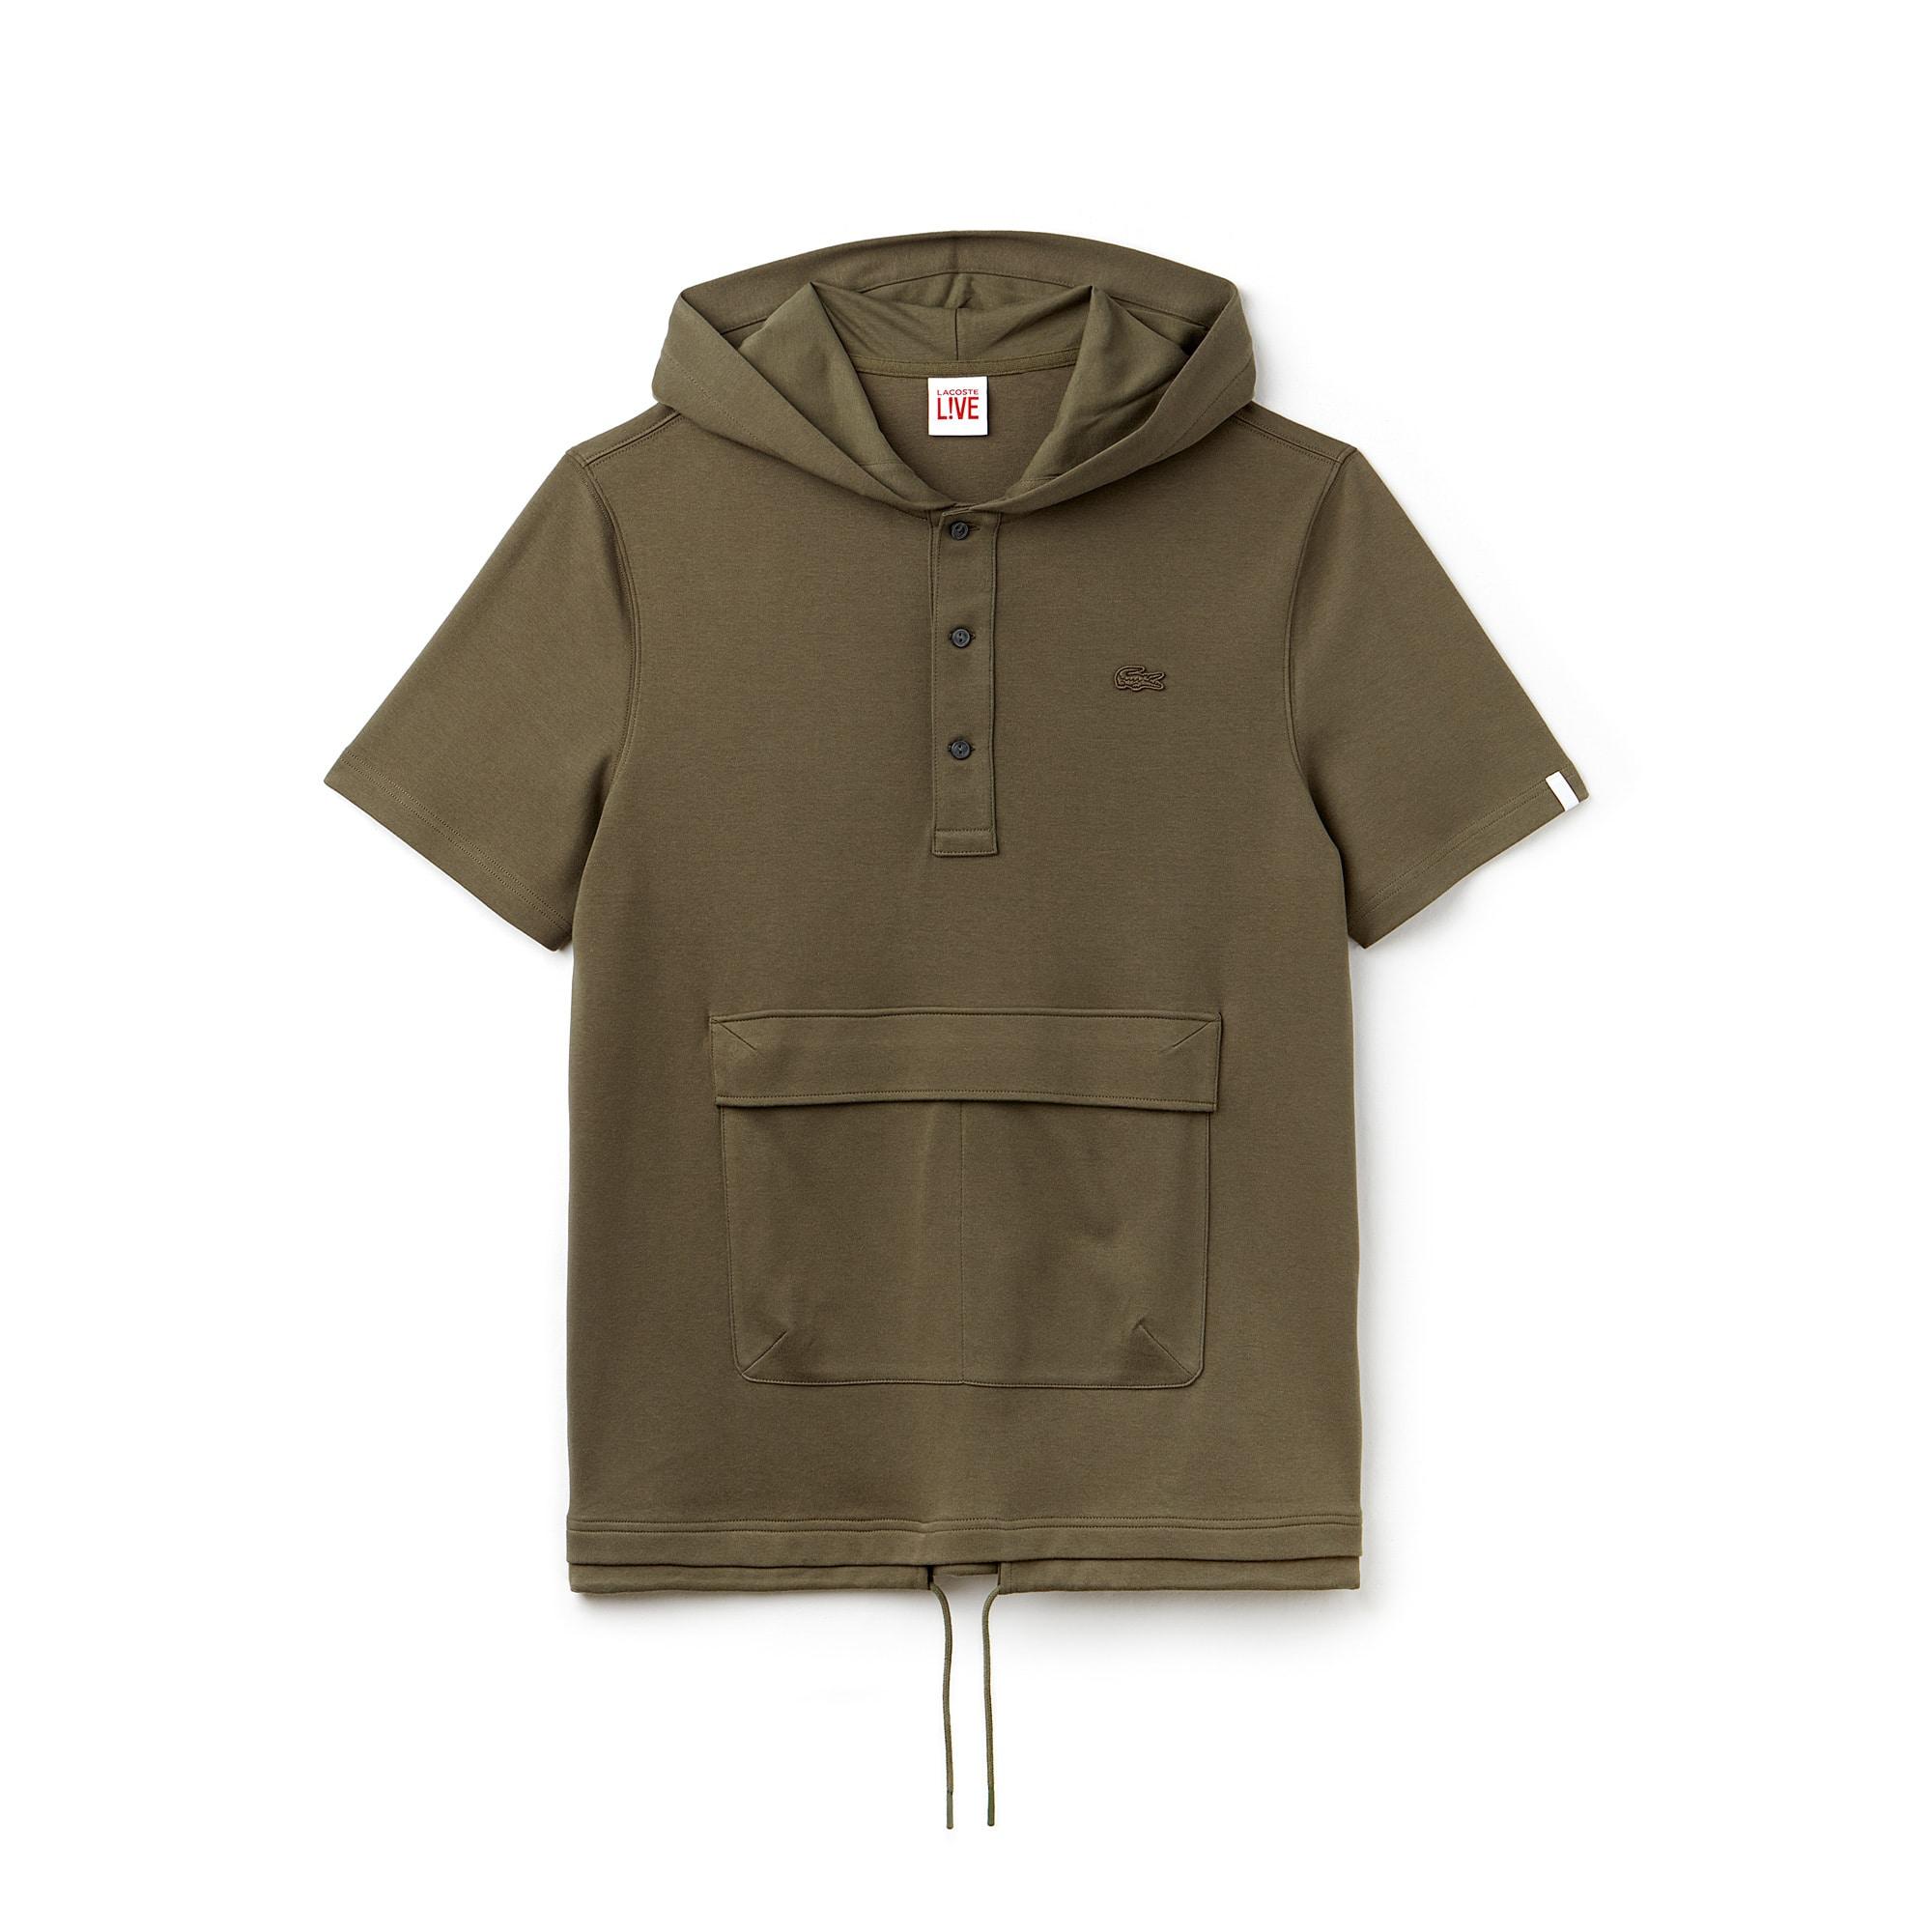 Lacoste LIVE-sweatshirt heren interlock met capuchon